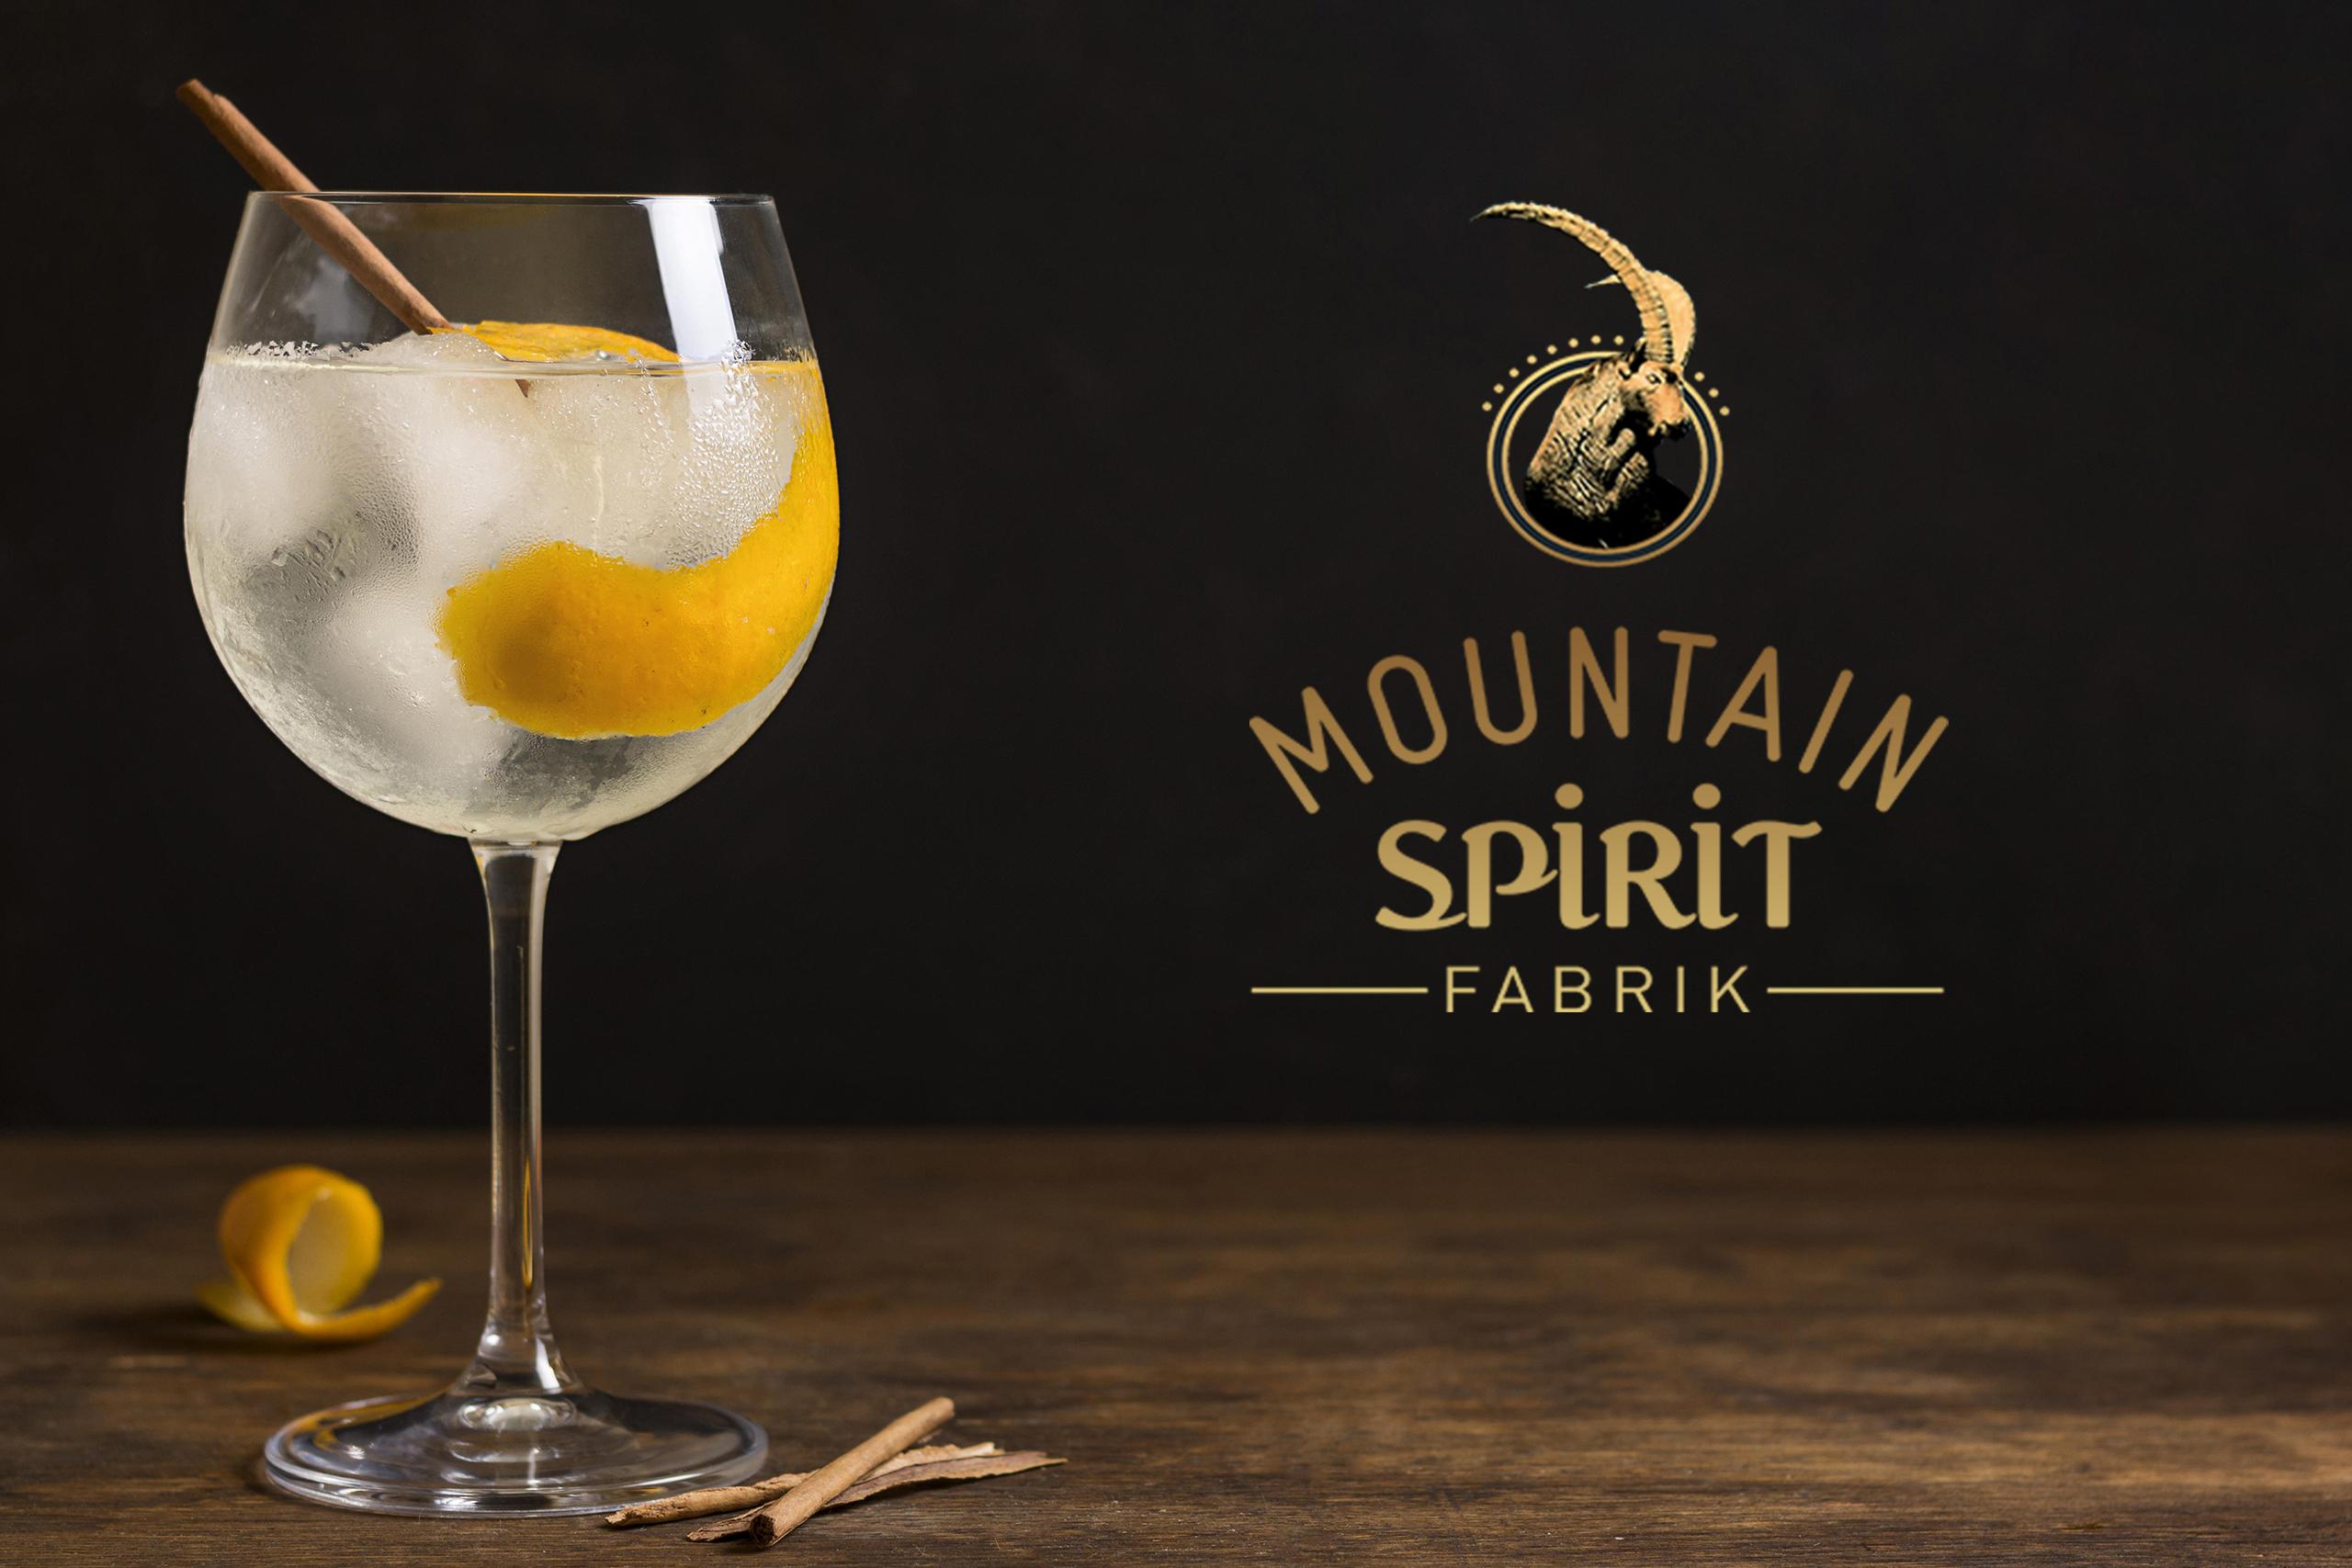 Cocktail-vauban-mountain-spirit-fabrik